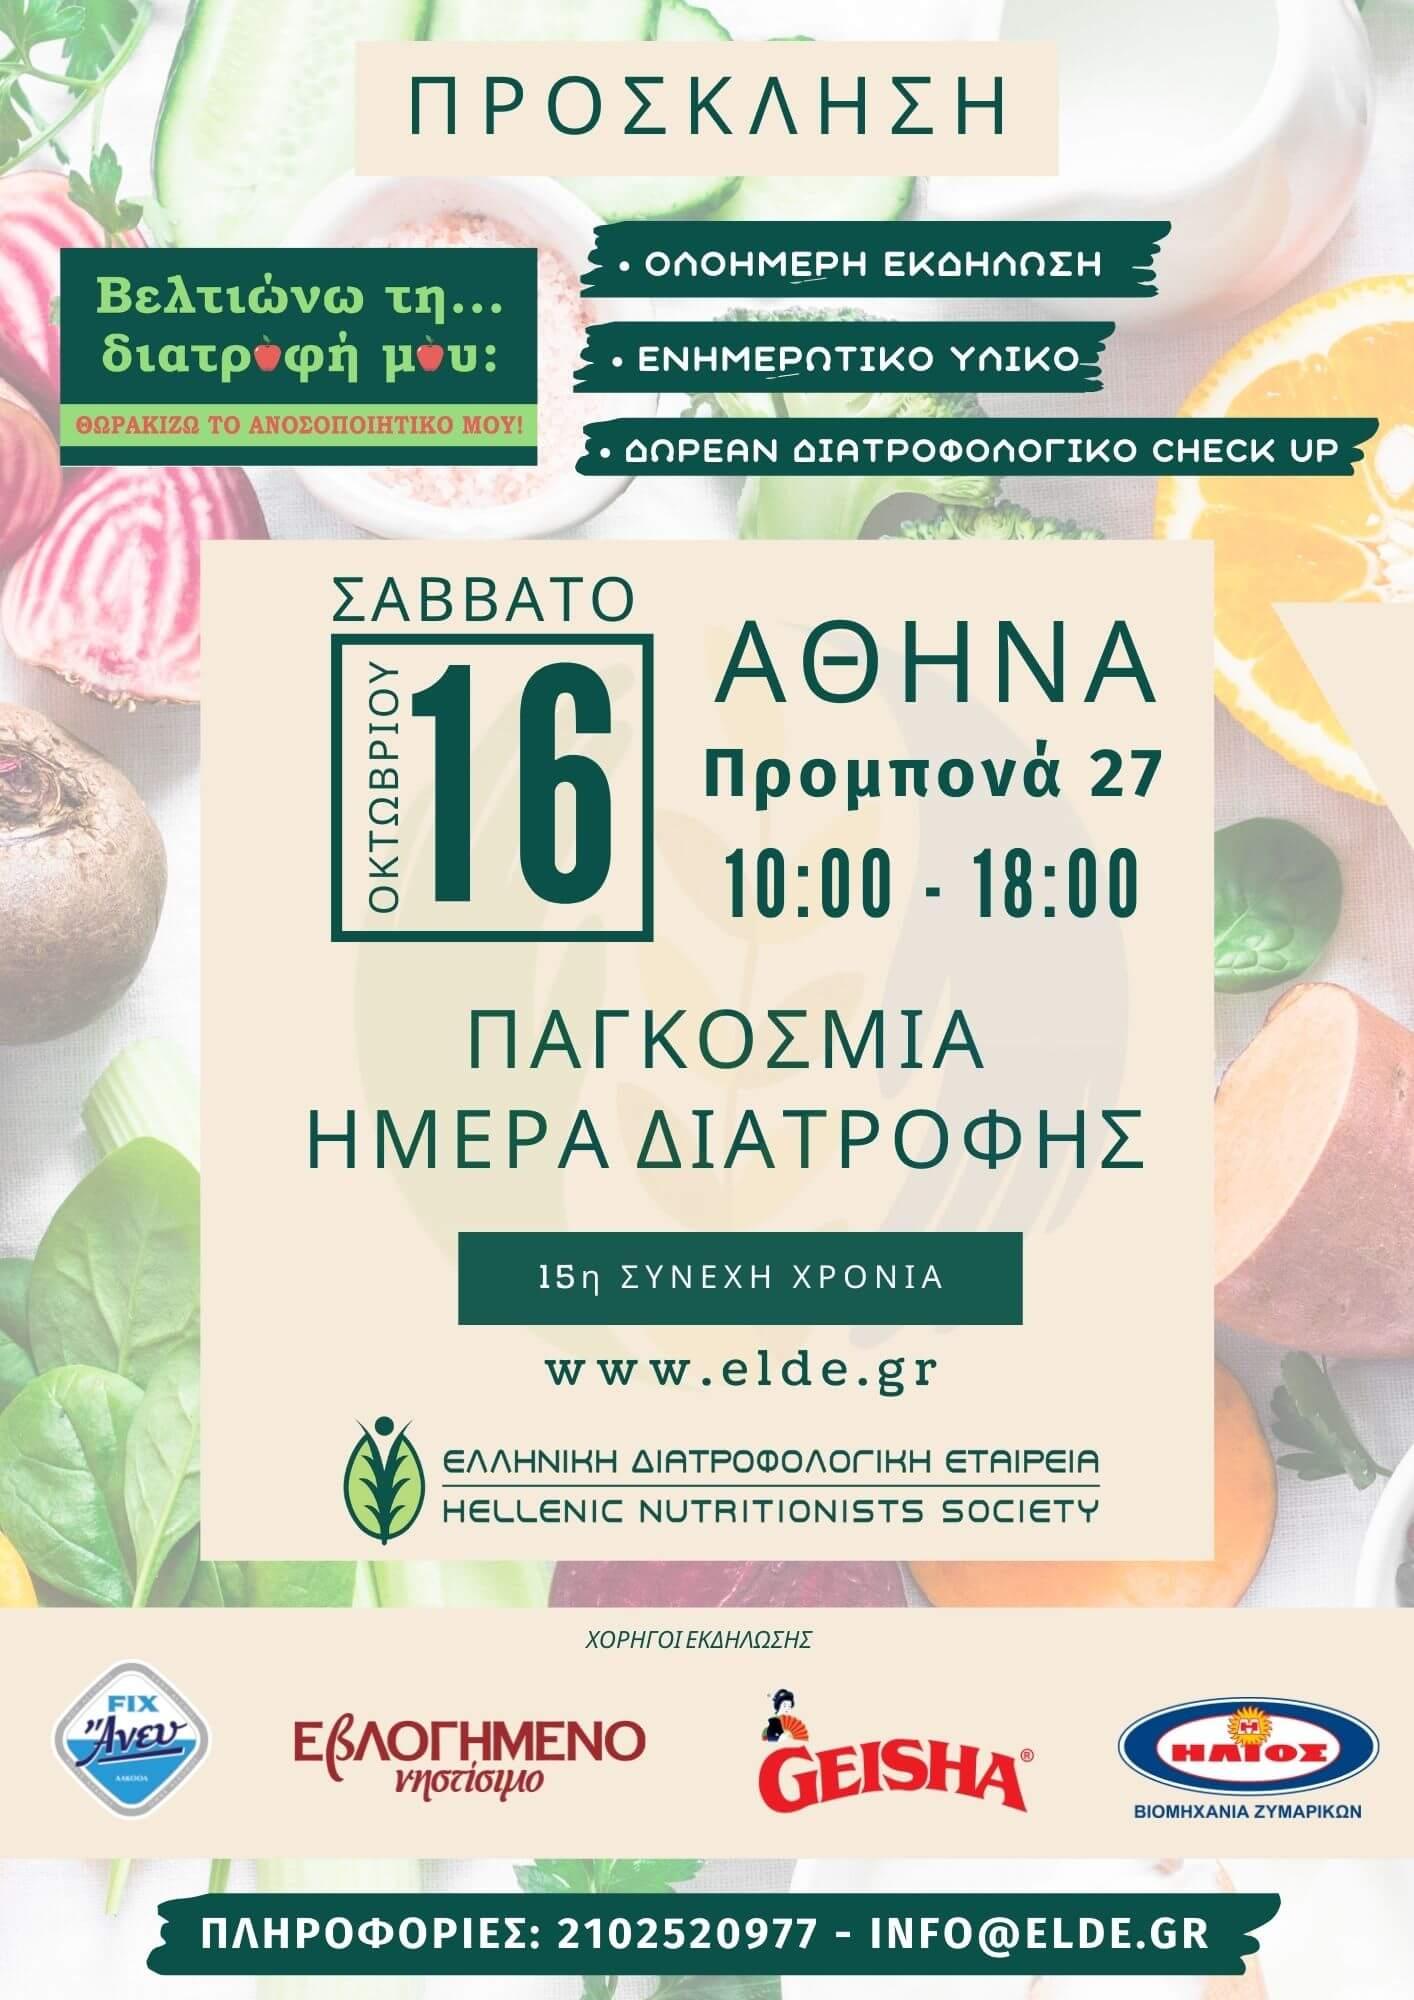 Παγκόσμια Ημέρα Διατροφής: Ενημερωτική εκδήλωση για ενήλικες και παιδιά διοργανώνει η Ελληνική Διατροφολογική Εταιρεία